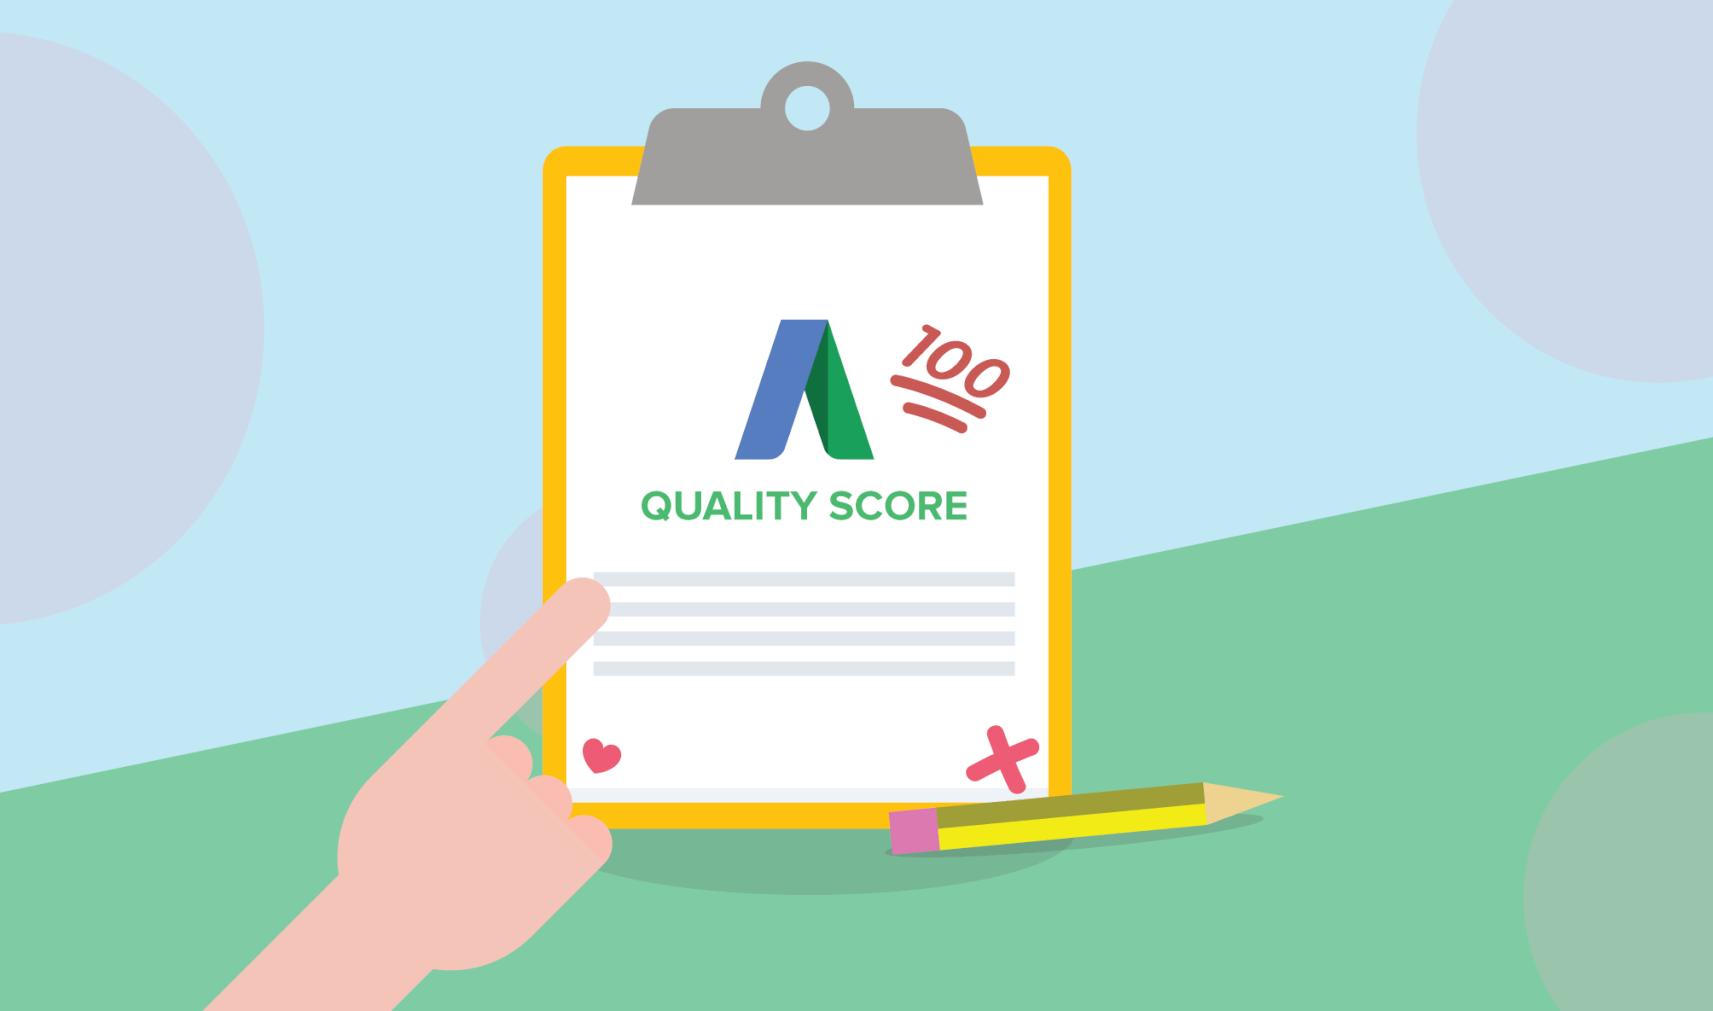 Índice de Qualidade do Google Ads, o que significa?